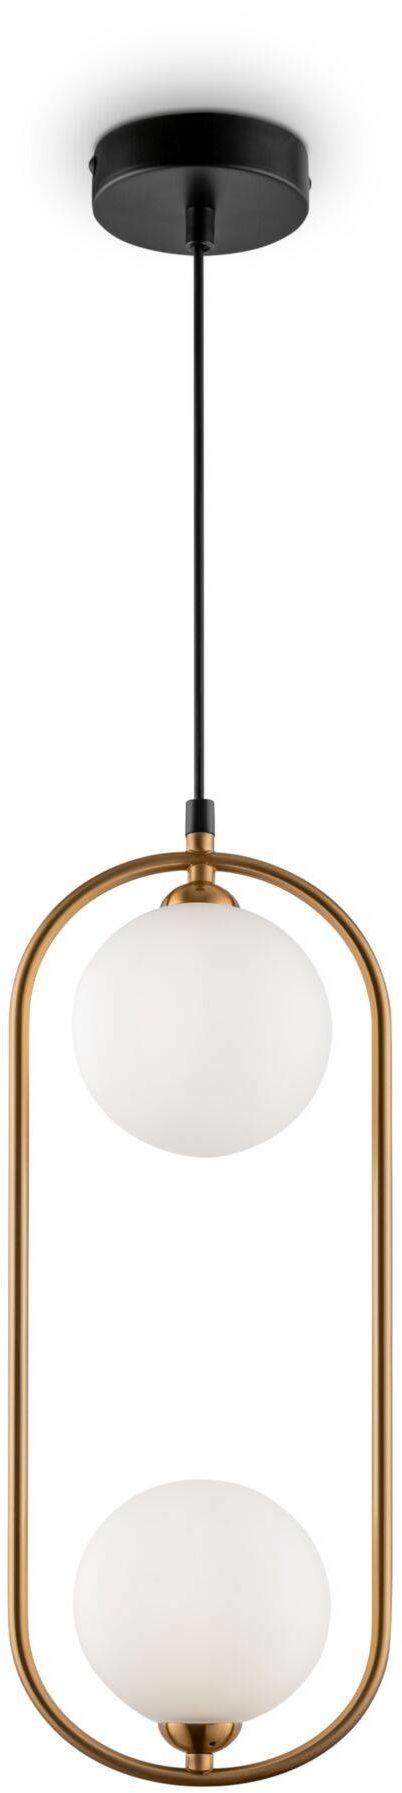 Lampa wisząca Ring MOD013PL-02BS Maytoni dekoracyjna oprawa w kolorze mosiądz